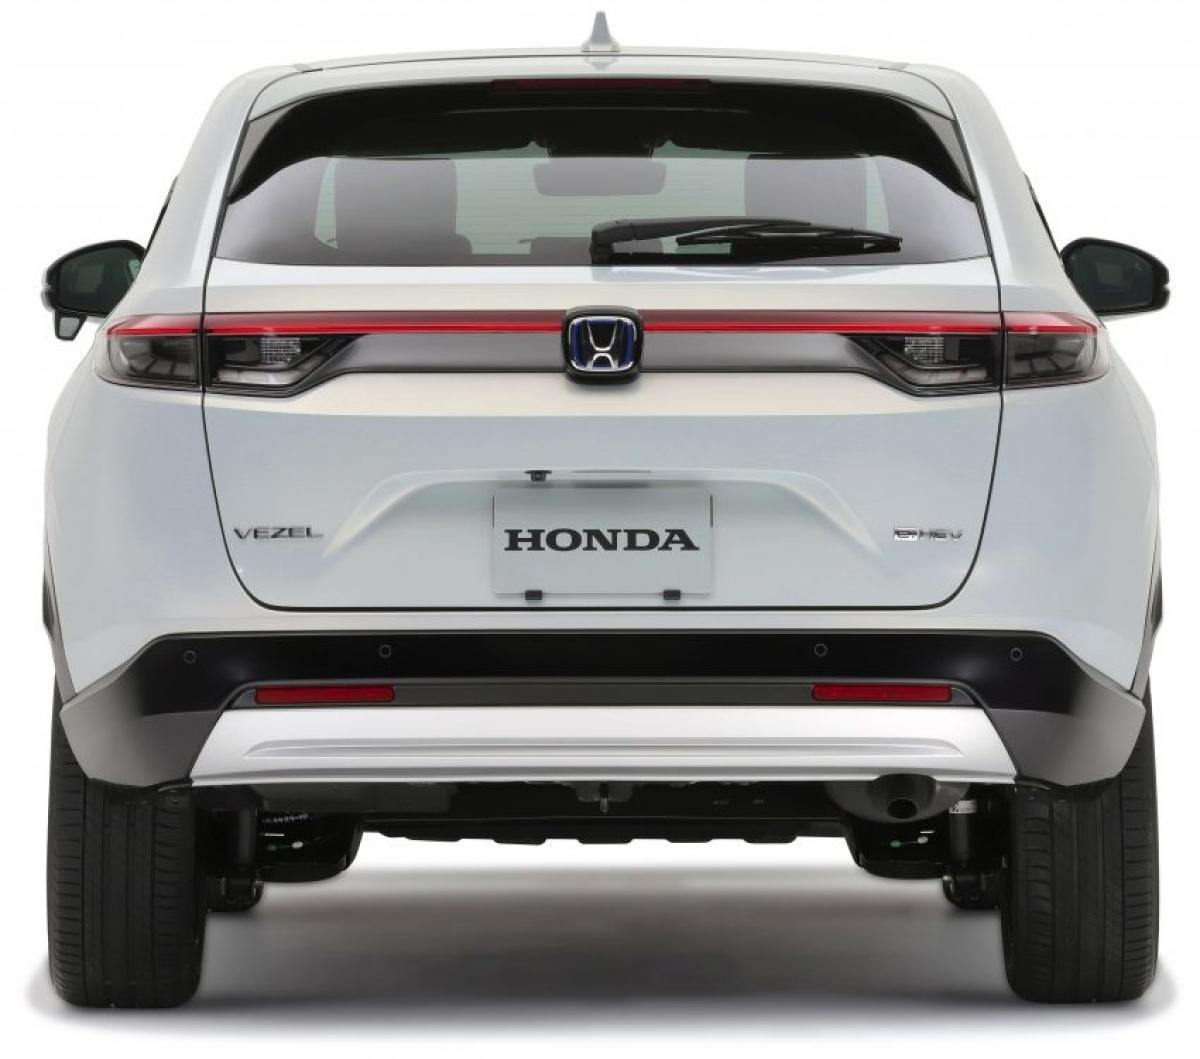 Những nhà thiết kế cũng đã giảm thiểu và bố trí lại các đường cửa chớp với phần còn lại của xe trong khi đó tay nắm cửa thời trang hơn, được làm từ một miếng nhựa duy nhất. Tay nắm cửa ẩn phía sau vẫn được giữ lại, tất nhiên bên hông xe cũng trở nên gọn gàng. Ở phía sau, đèn hậu kéo dài mới được tích hợp với logo Honda, ngoài ra bệ chịu tải thấp giúp việc xếp hàng hóa vào cốp dễ dàng hơn.